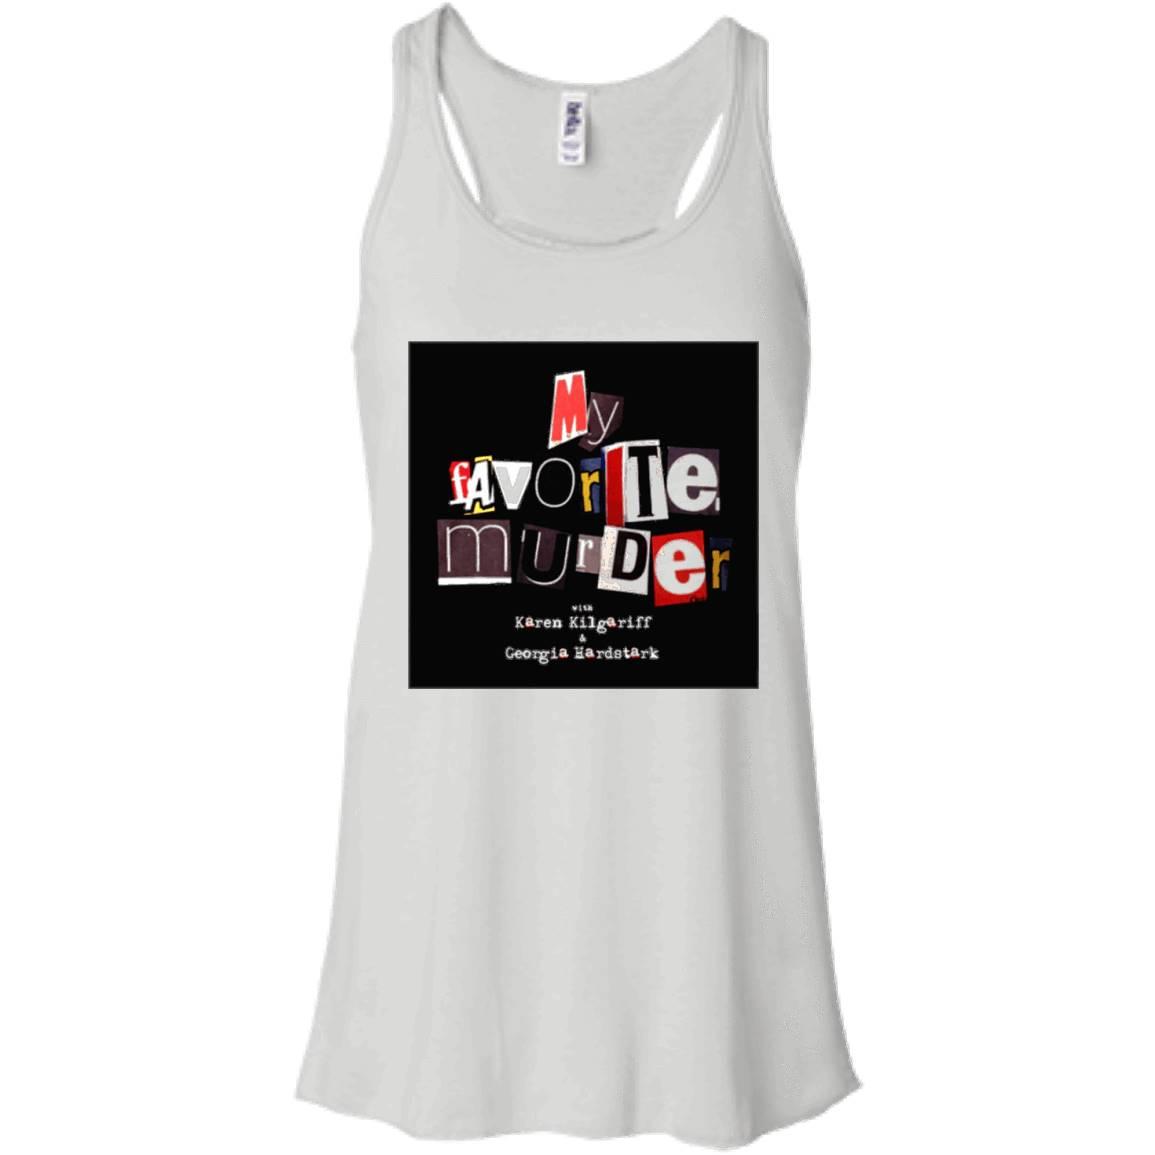 My Favorite Murder Official t-shirt – Women Tank